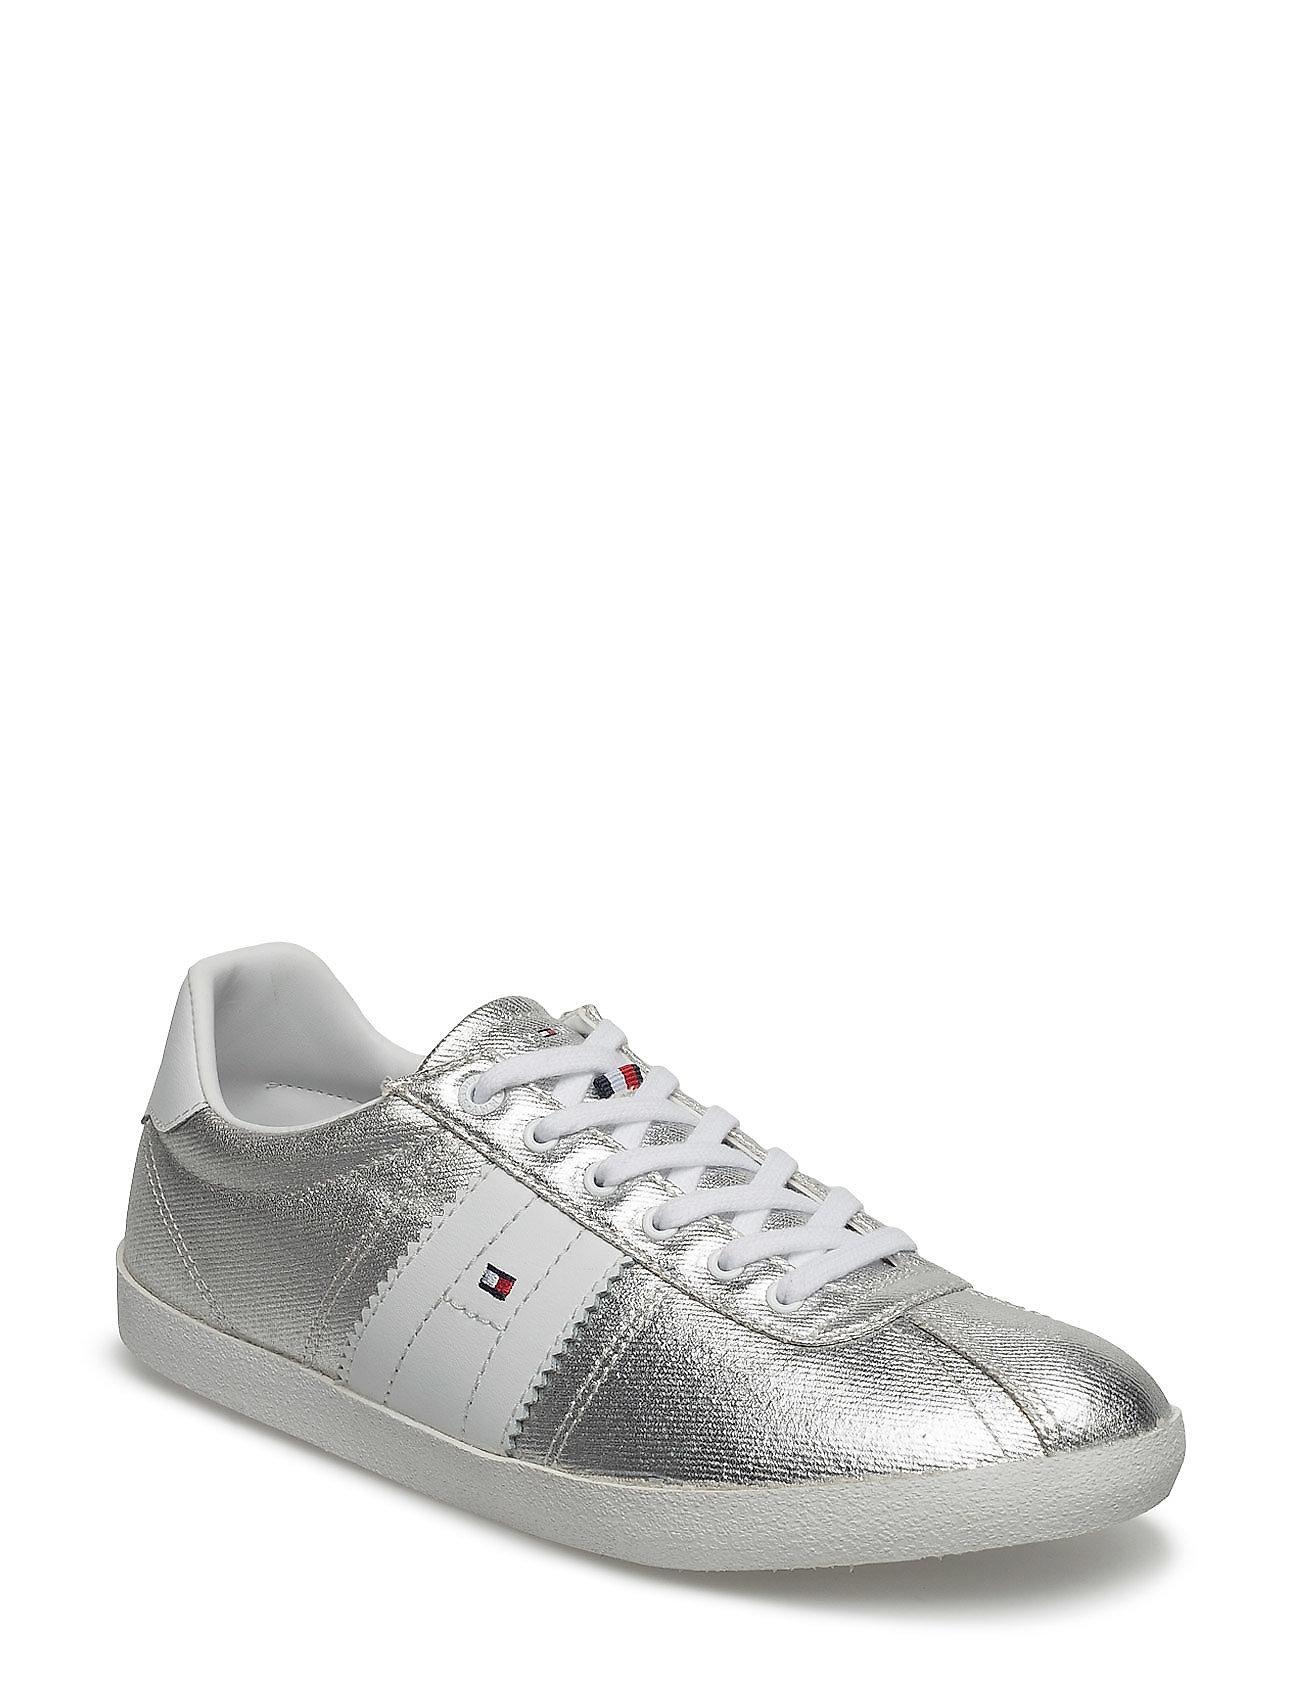 L1285izzie 1d1 Tommy Hilfiger Sneakers til Damer i Sølv